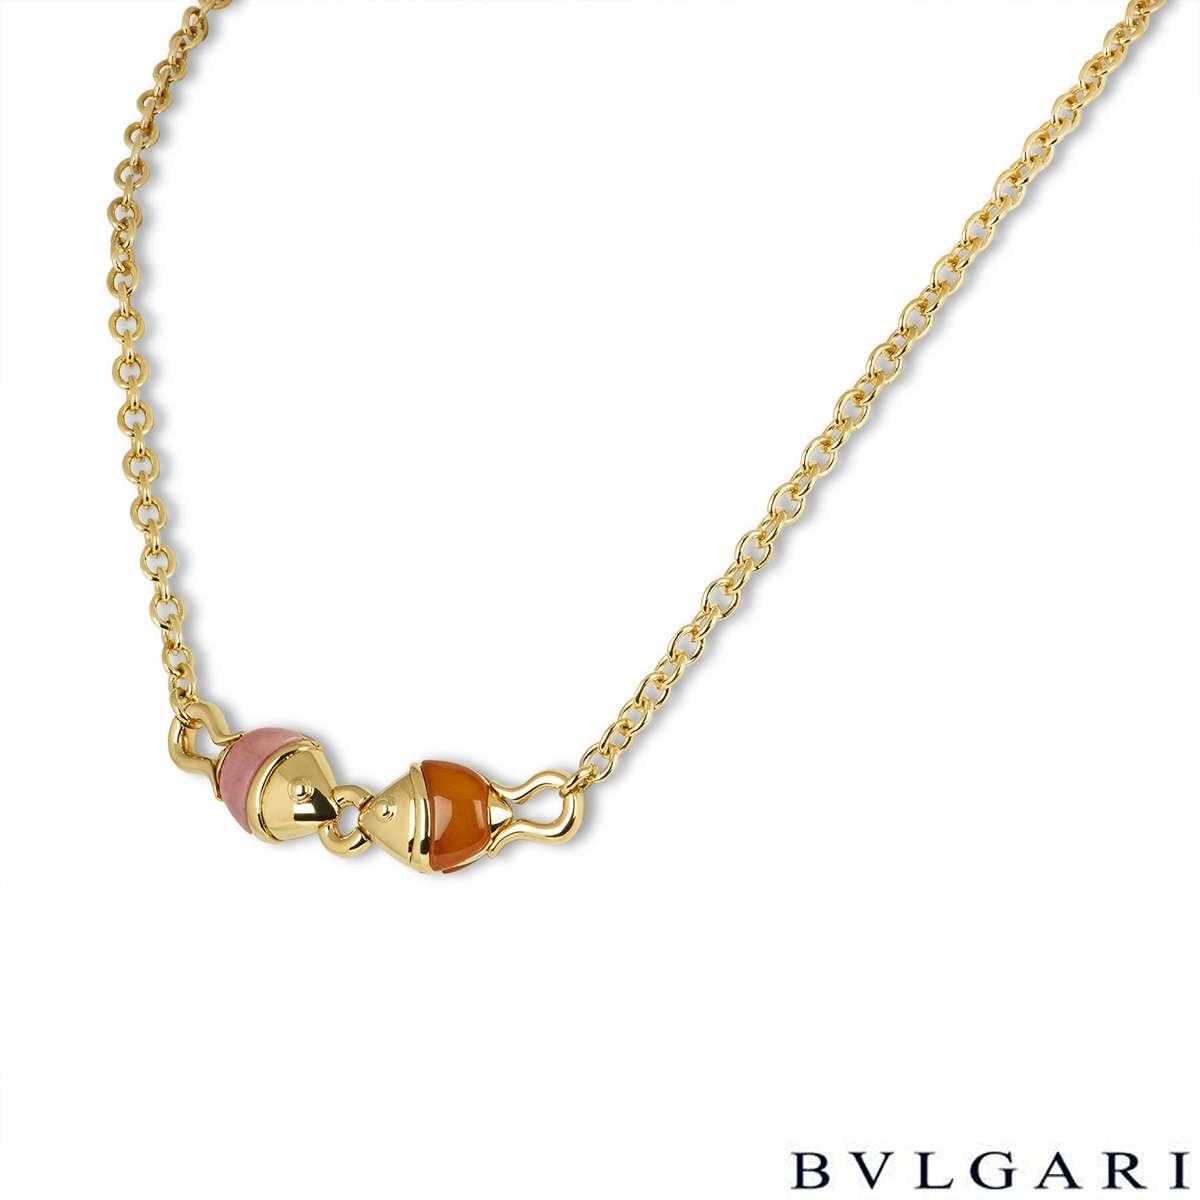 Bvlgari Yellow Gold Naturalia Necklace